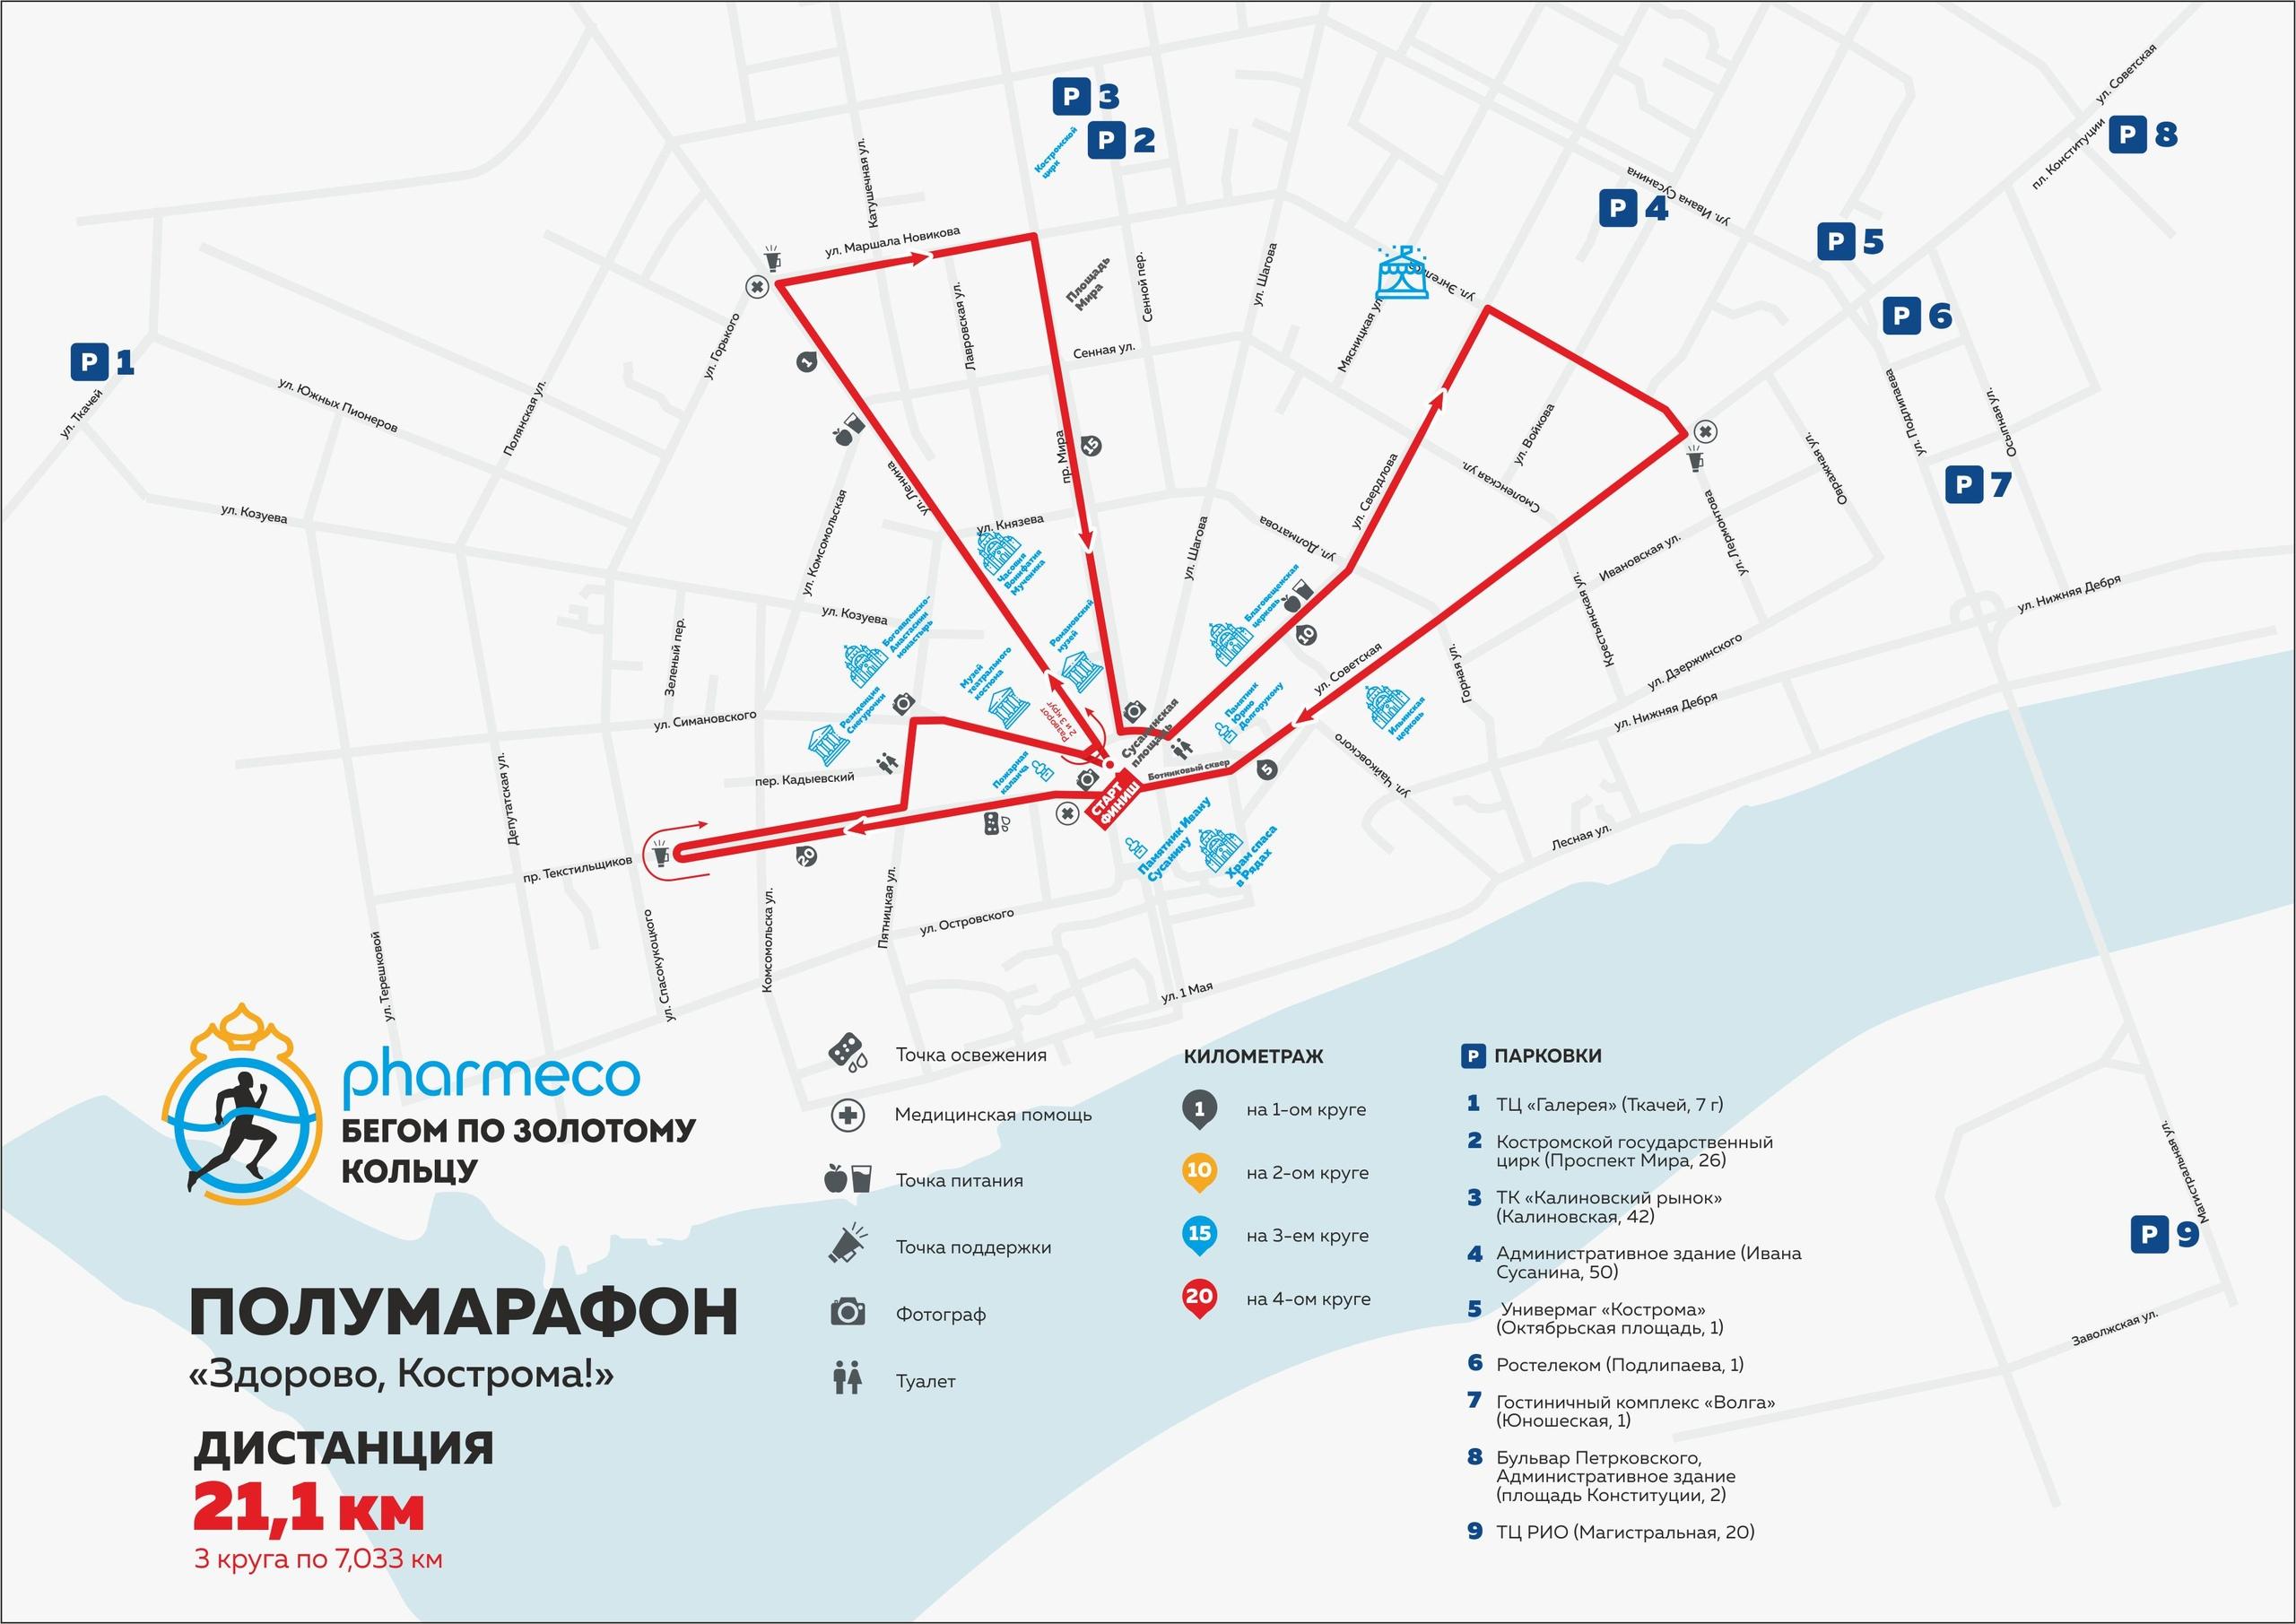 Парковки и зоны стартового городка Полумарафона Здорово, Кострома 2019